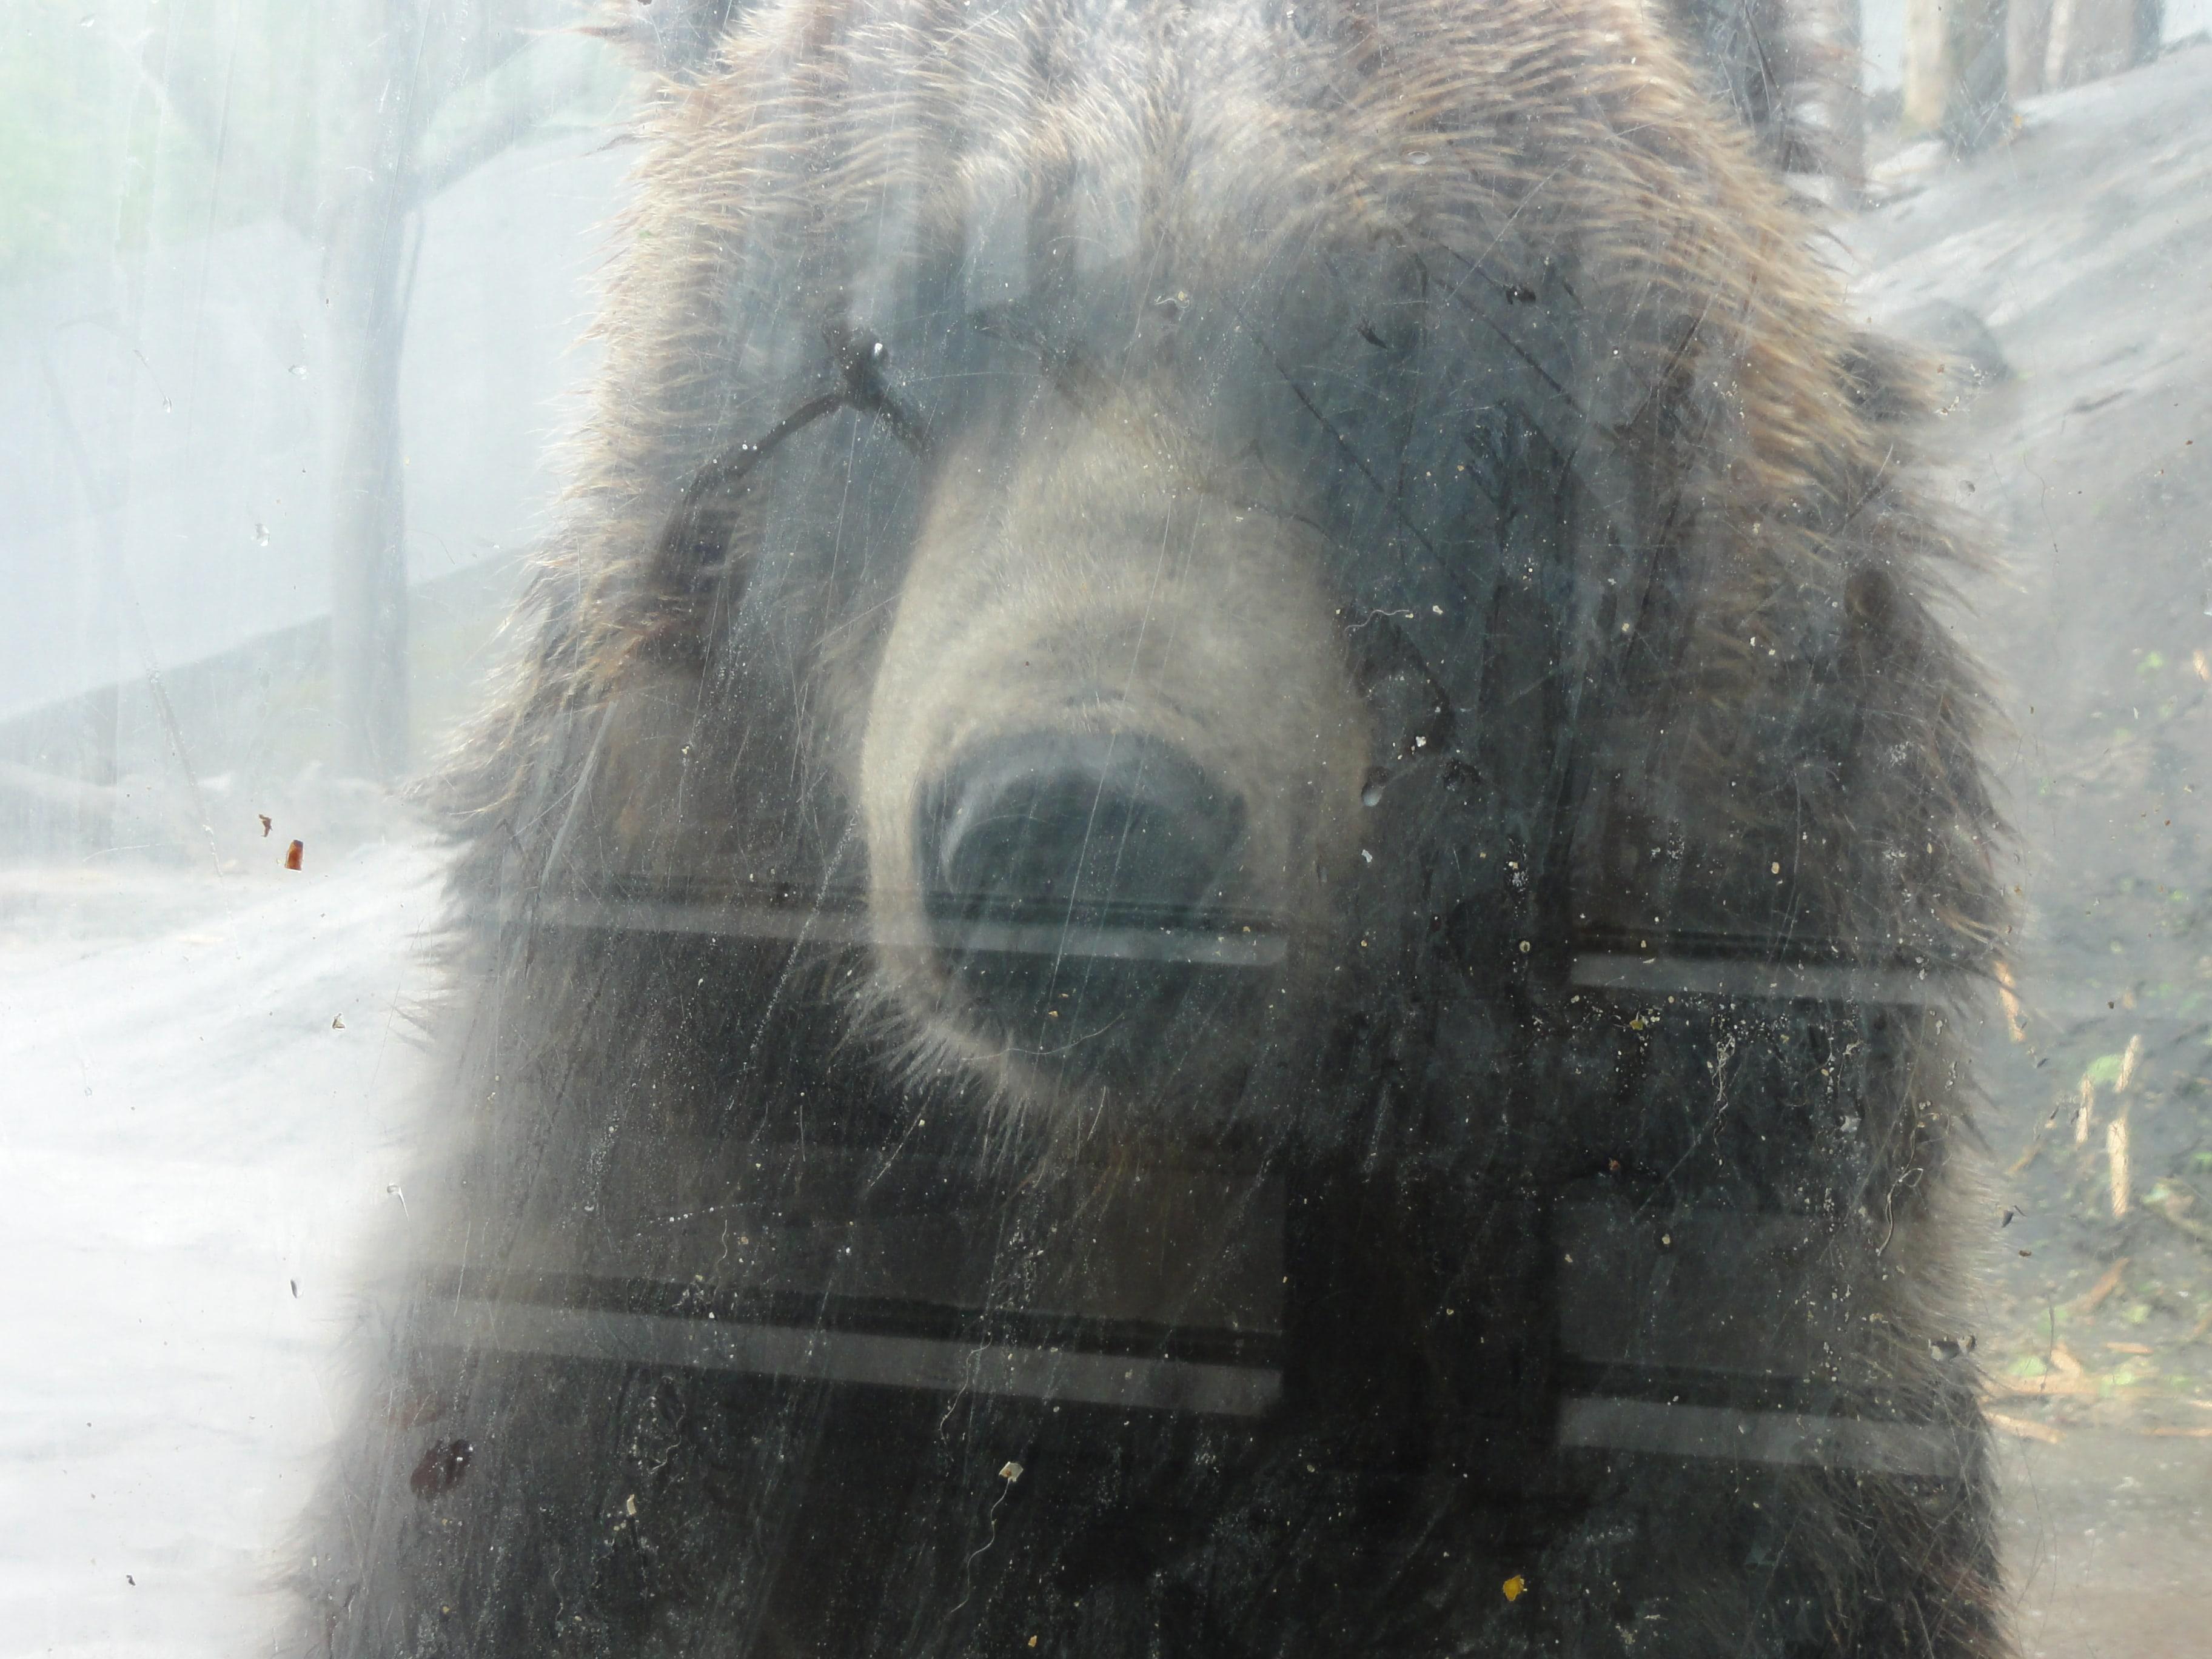 のぼりべつクマ牧場のヒグマ3